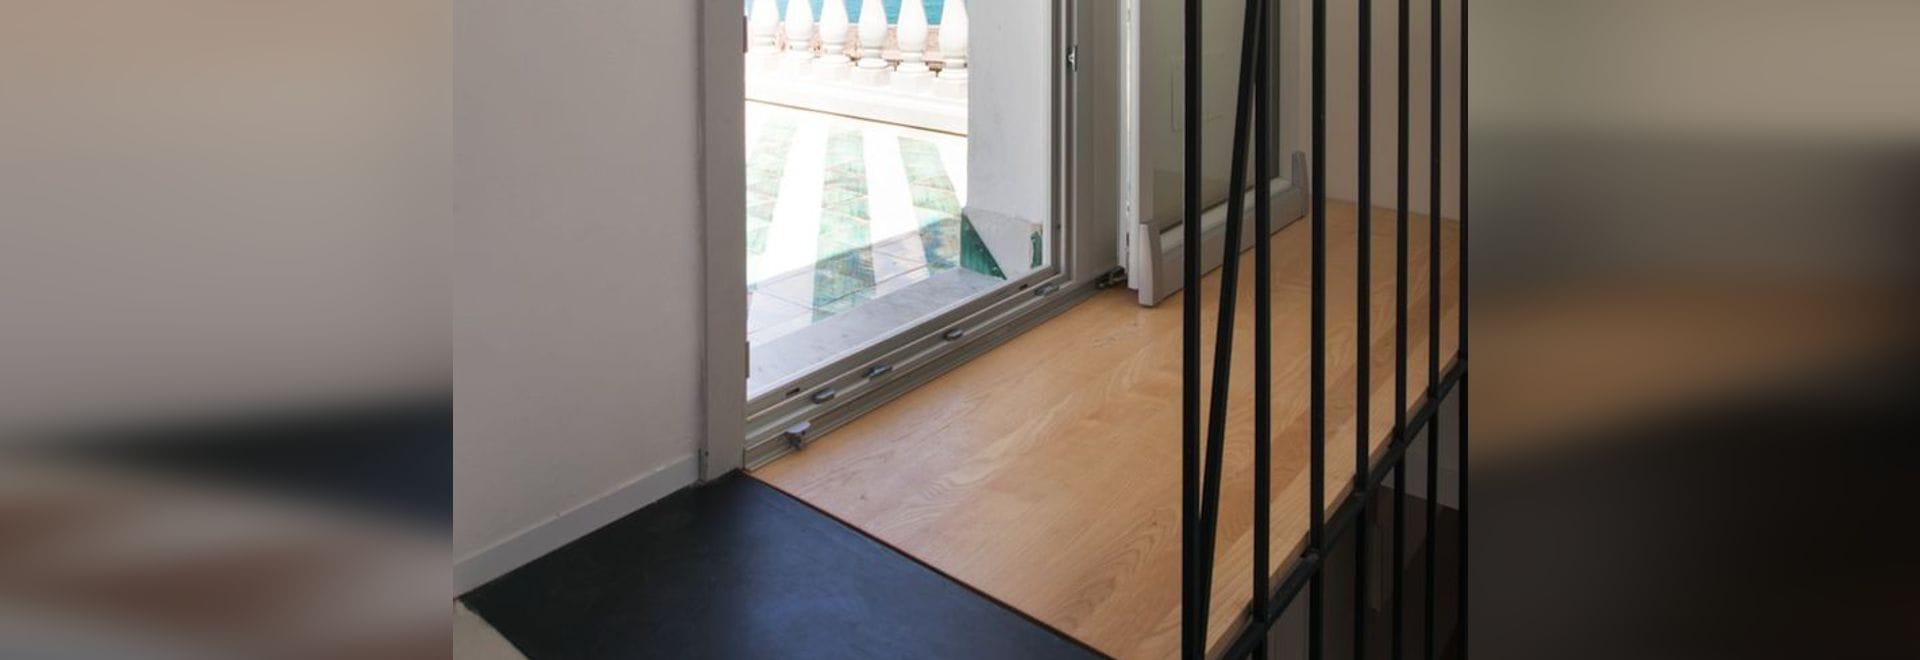 La scala scultorea collega due pavimenti di mosaico in cottage del ...